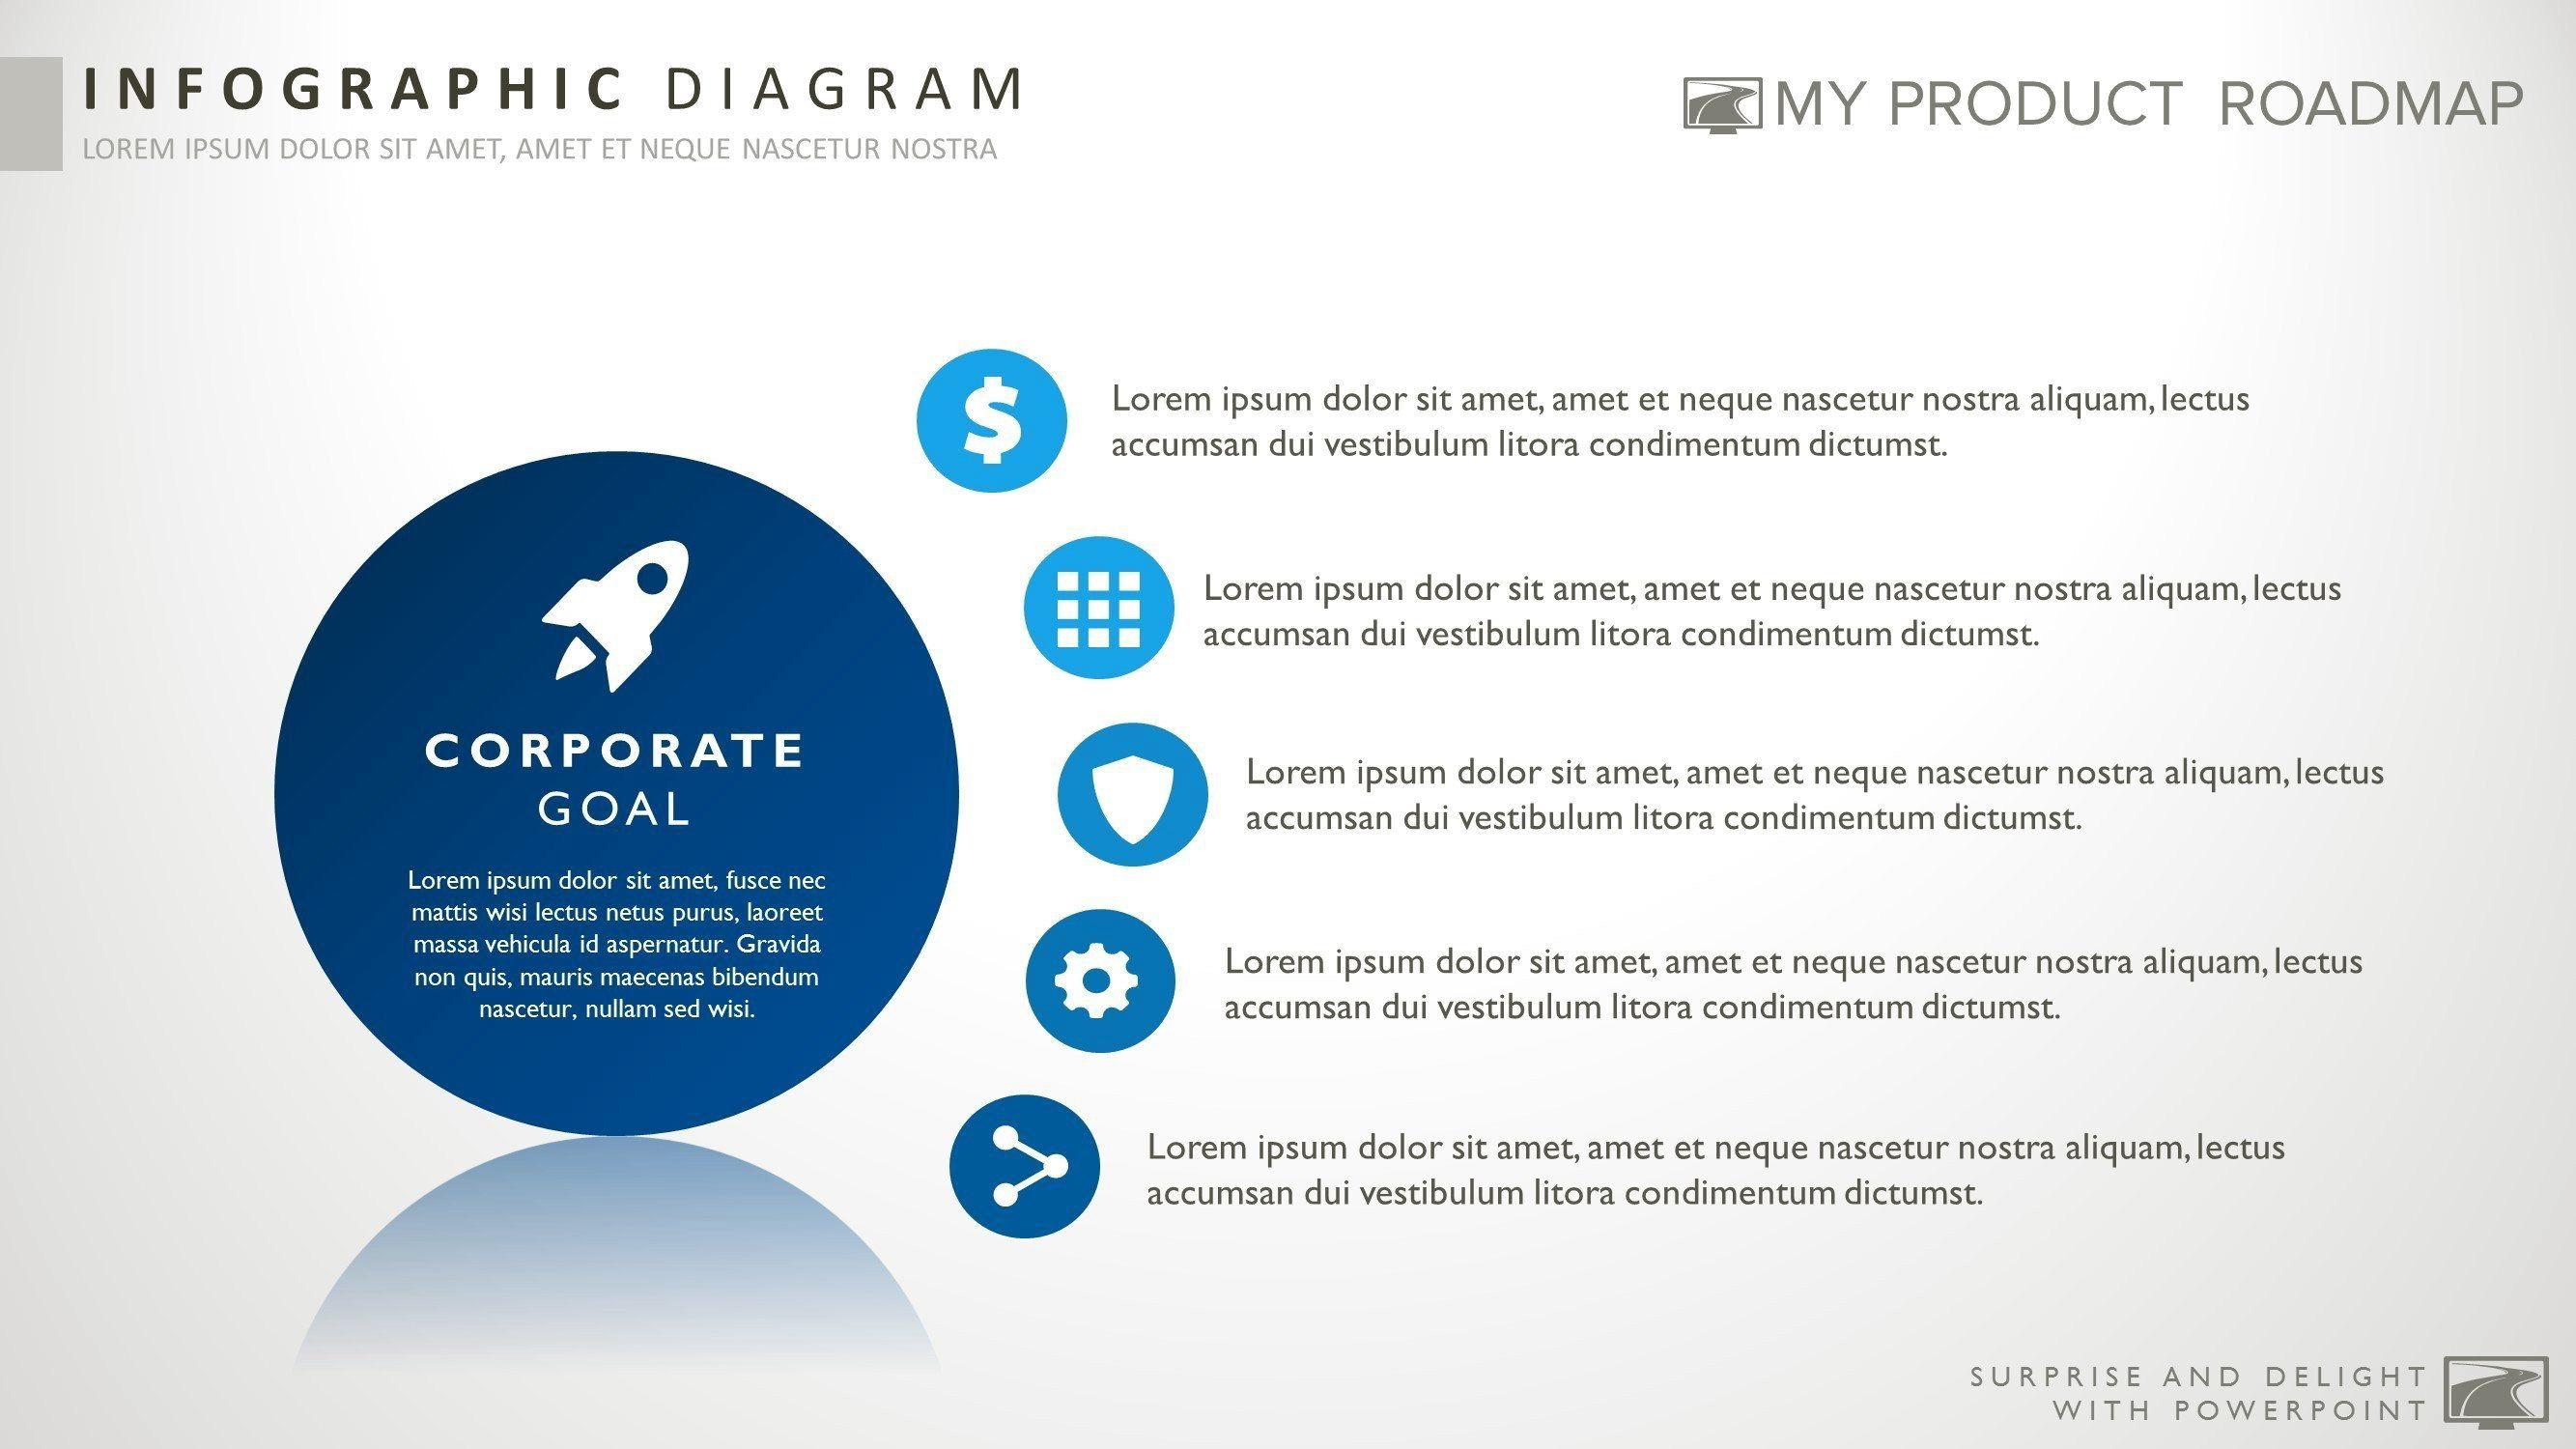 Powerpoint Smartart List Templates